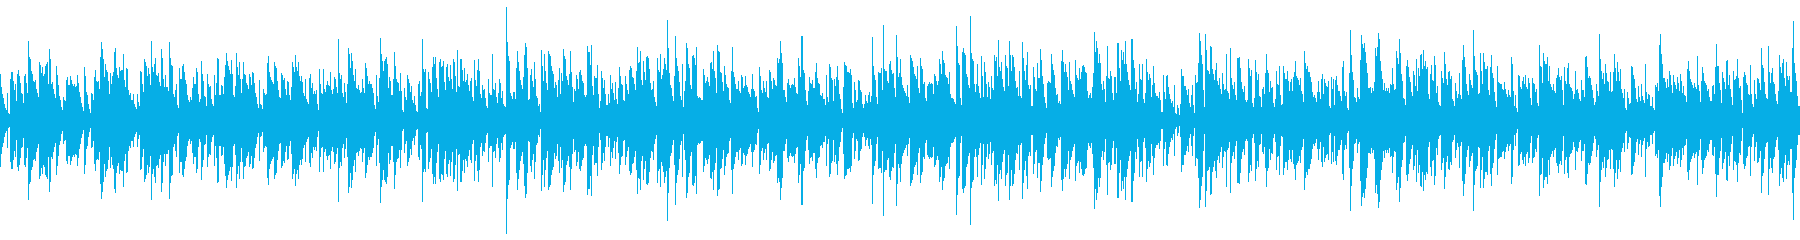 2分19秒のループ化ファイルです。の再生済みの波形